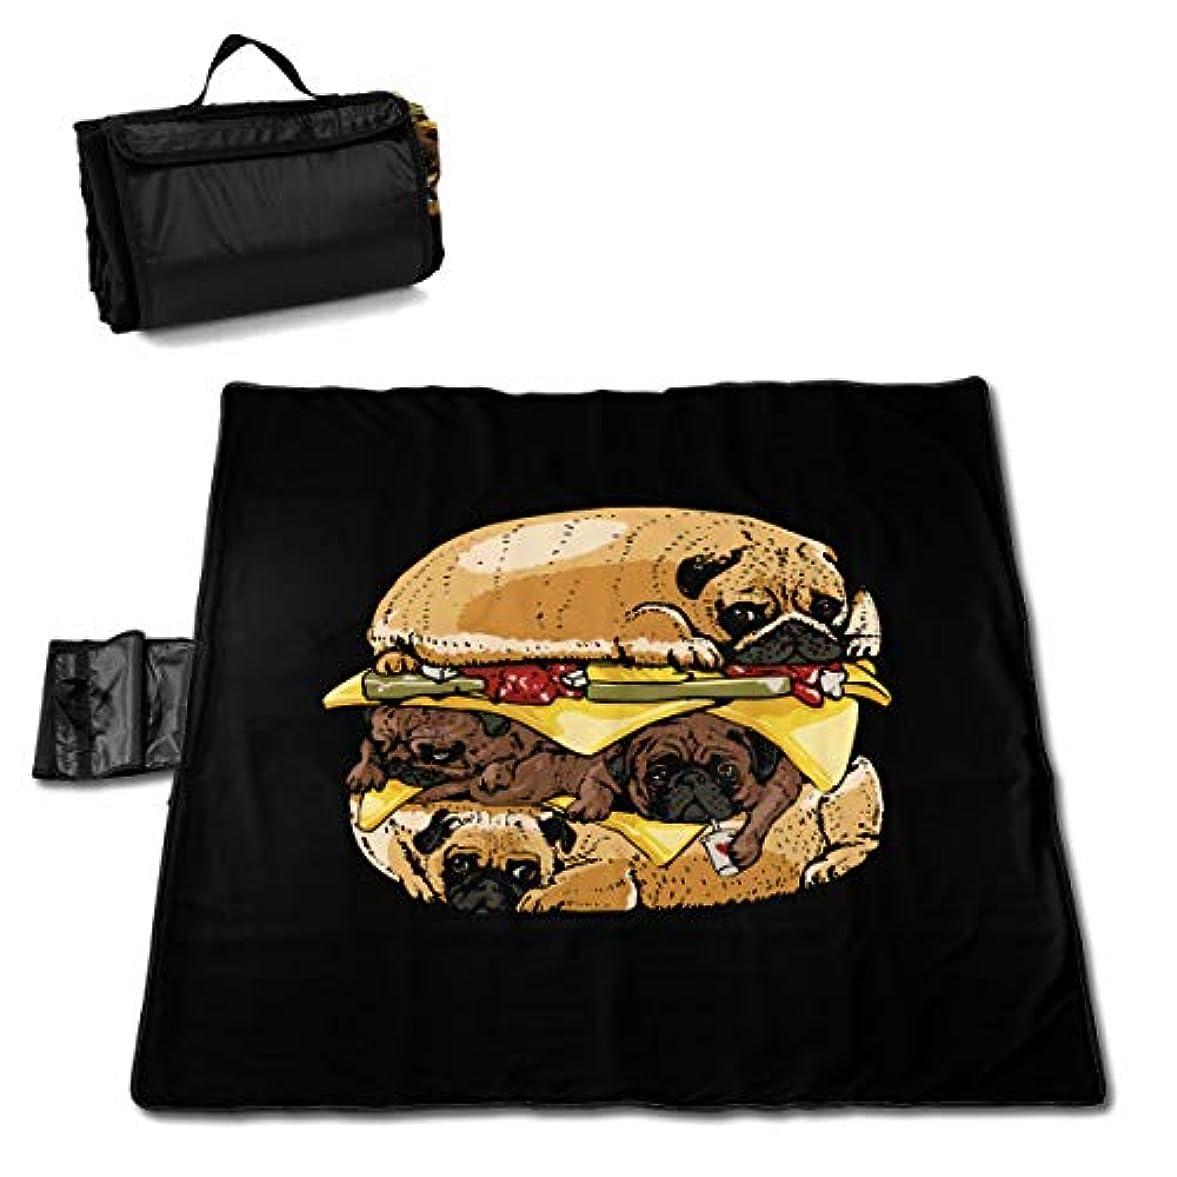 排除する抜け目のないホームレスQQ LOVE ハンバーガー パグ レジャーシート ピクニックシート 厚手 レジャーマット 折り畳み 150*145 Cm